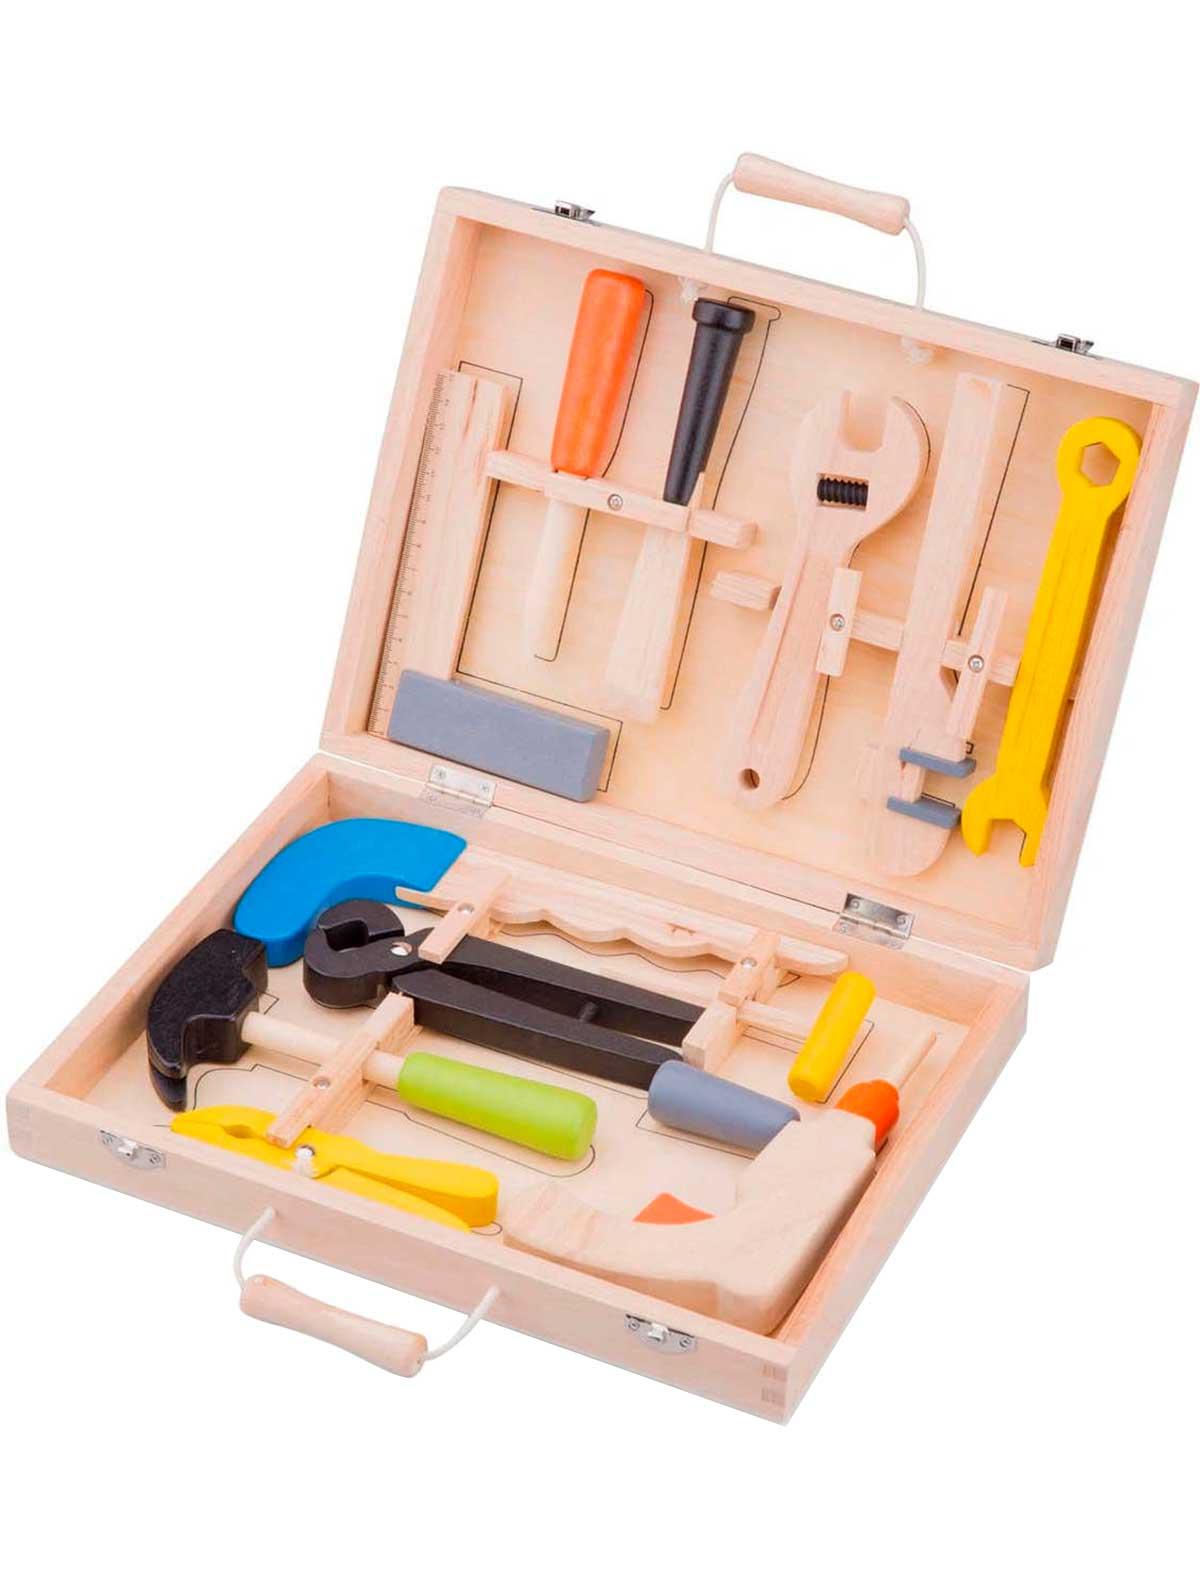 Купить 2259662, Игрушка New Classic Toys, разноцветный, 7134529082032